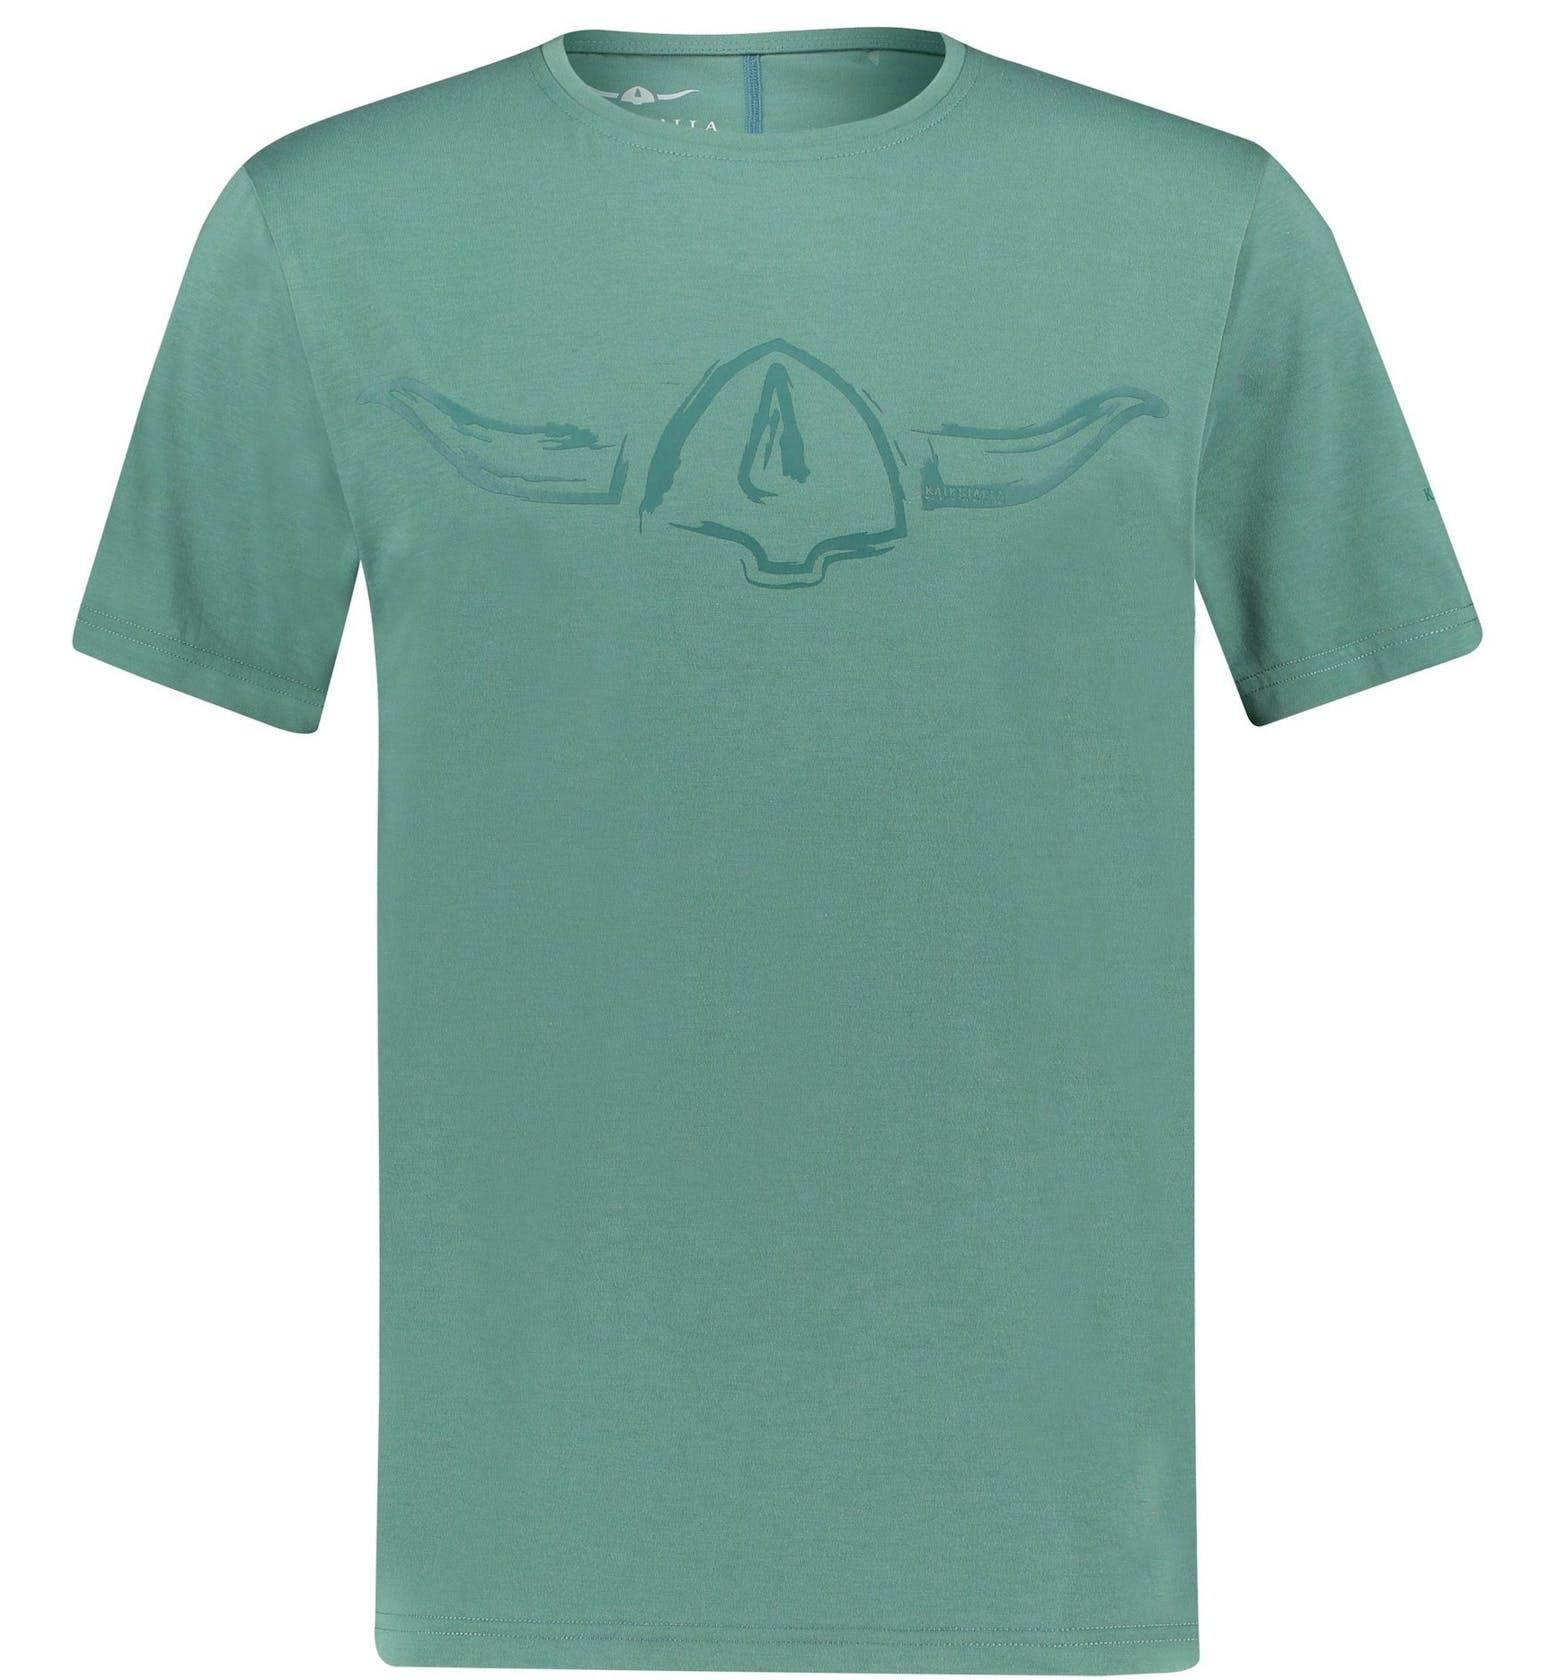 Kaikkialla Juhani - T-shirt trekking - uomo